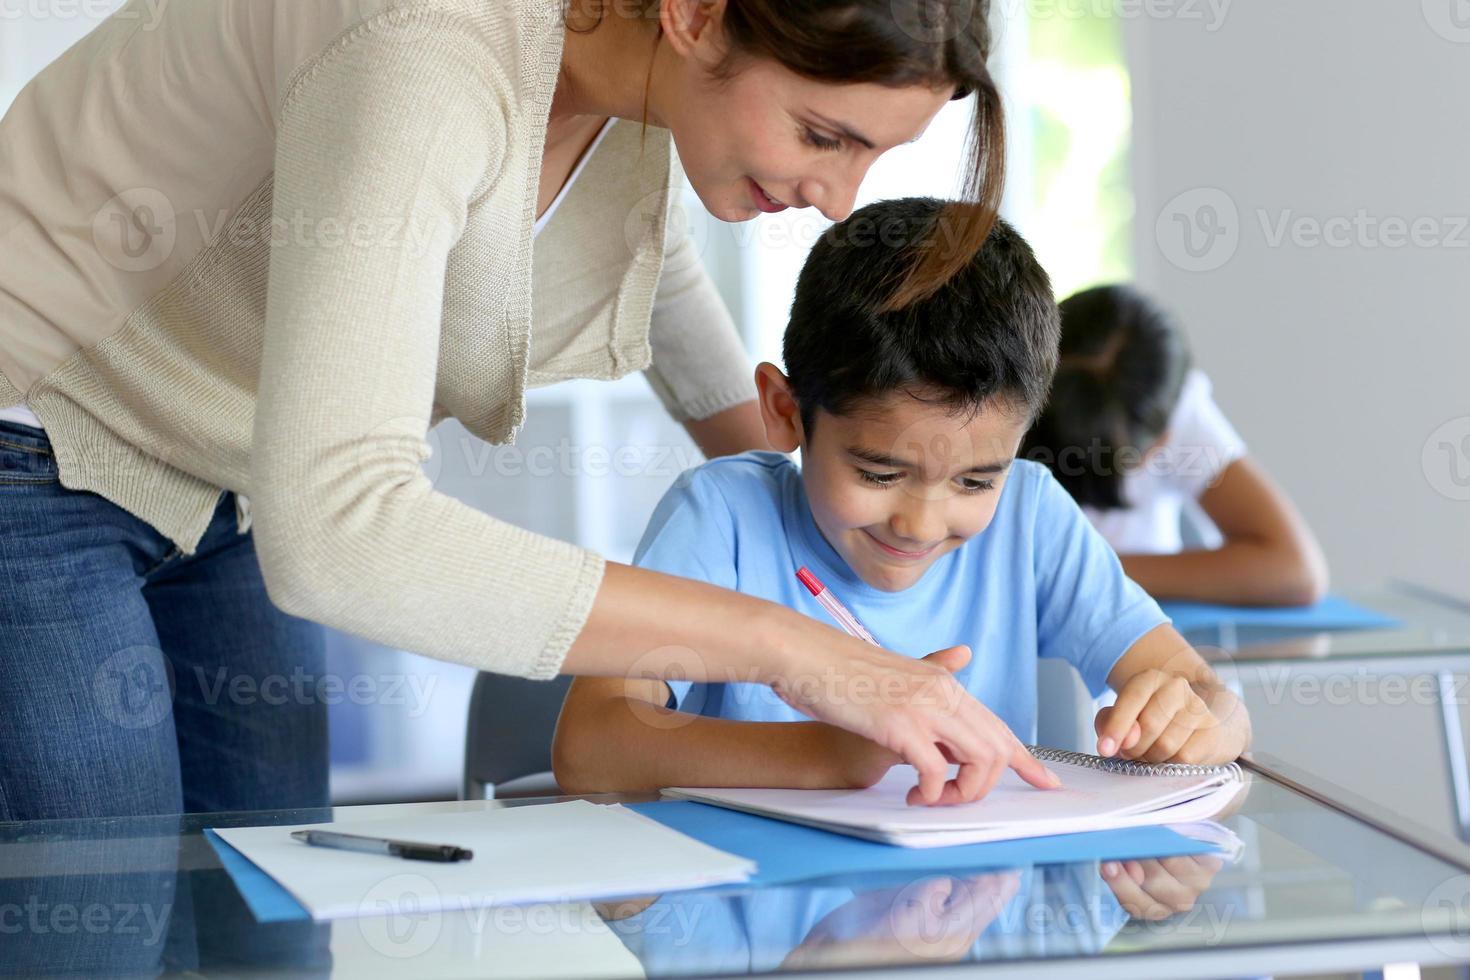 enseignant en classe avec les élèves photo